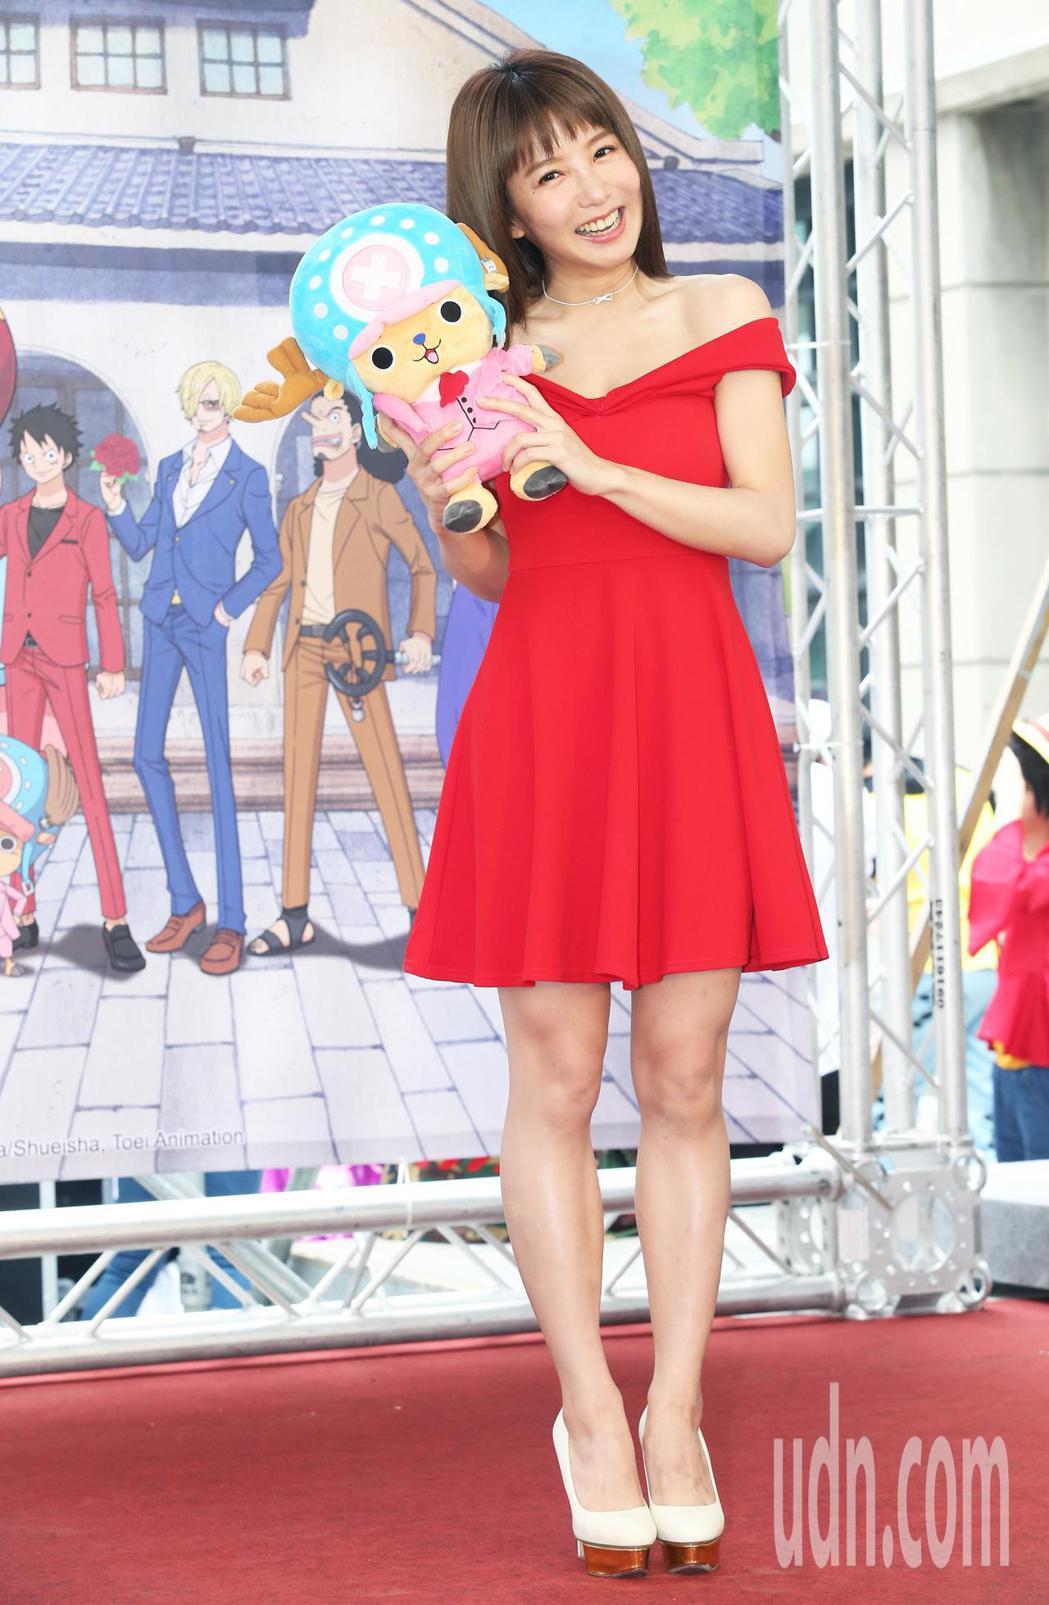 瑤瑤帶著玩偶喬巴參加動畫特展的開幕活動。記者徐兆玄/攝影